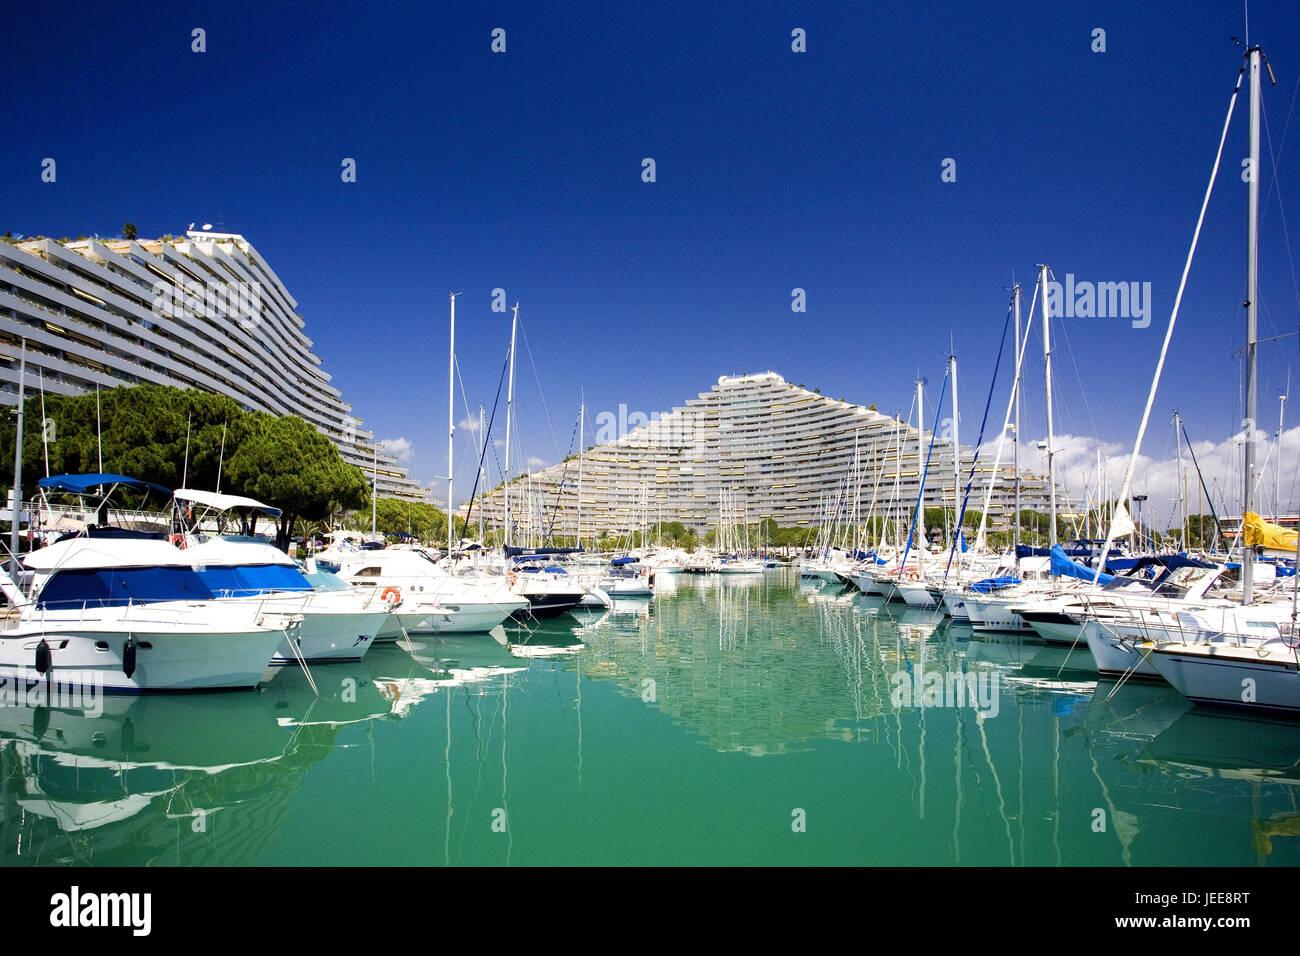 """Frankreich, La Grande Motte, Hotelanlage, Yachthafen, Seebad, Hotelgebäude, Hotelanlage, Struktur, """"Pyramiden"""", Stockbild"""